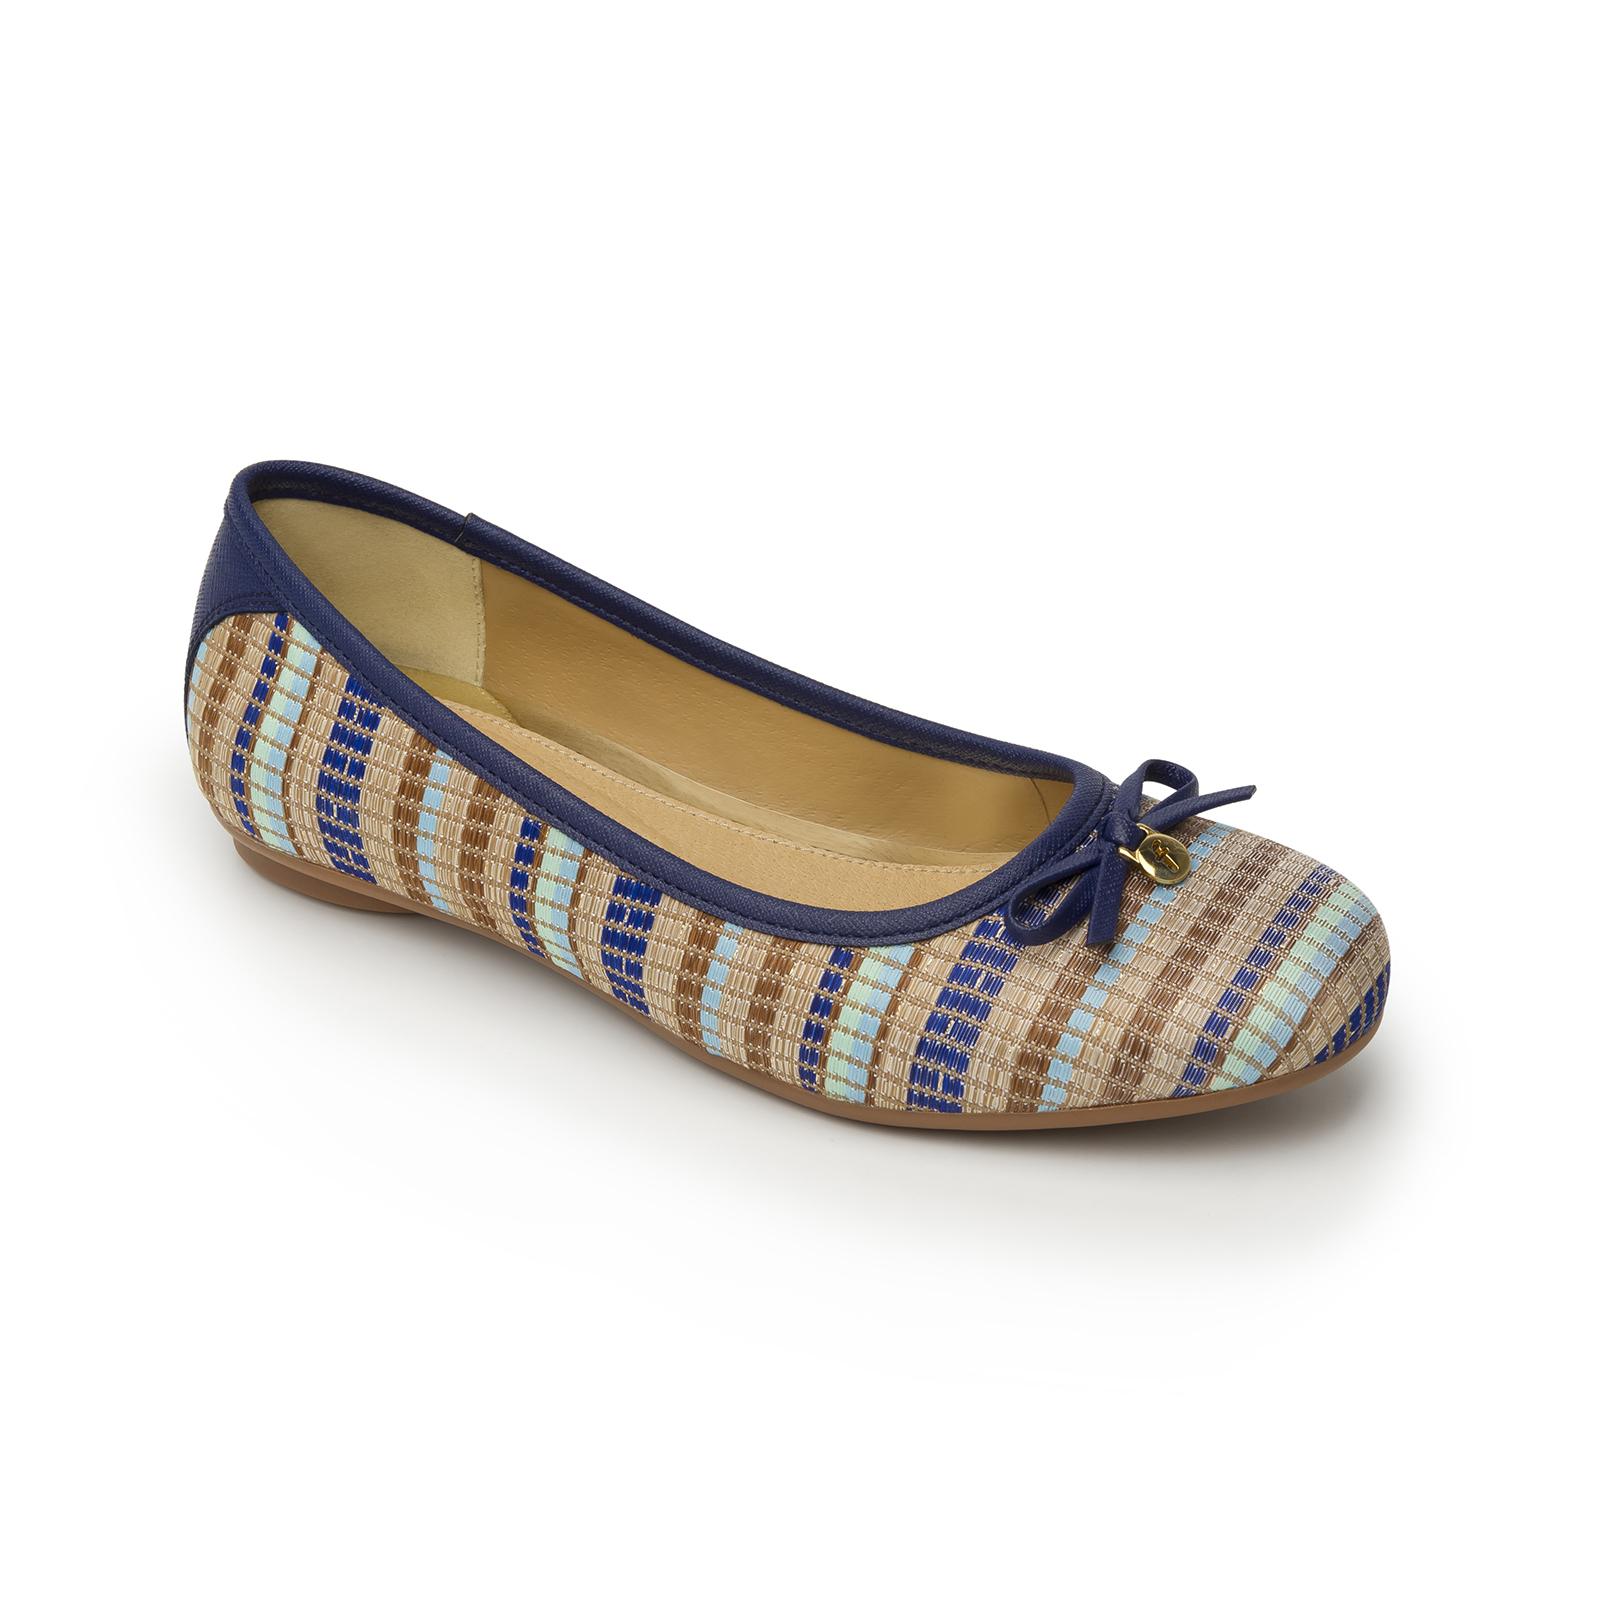 1271ed85 Zapatos de mujer Flexi ¡Los mejores diseños! - Zapatos Flexi México